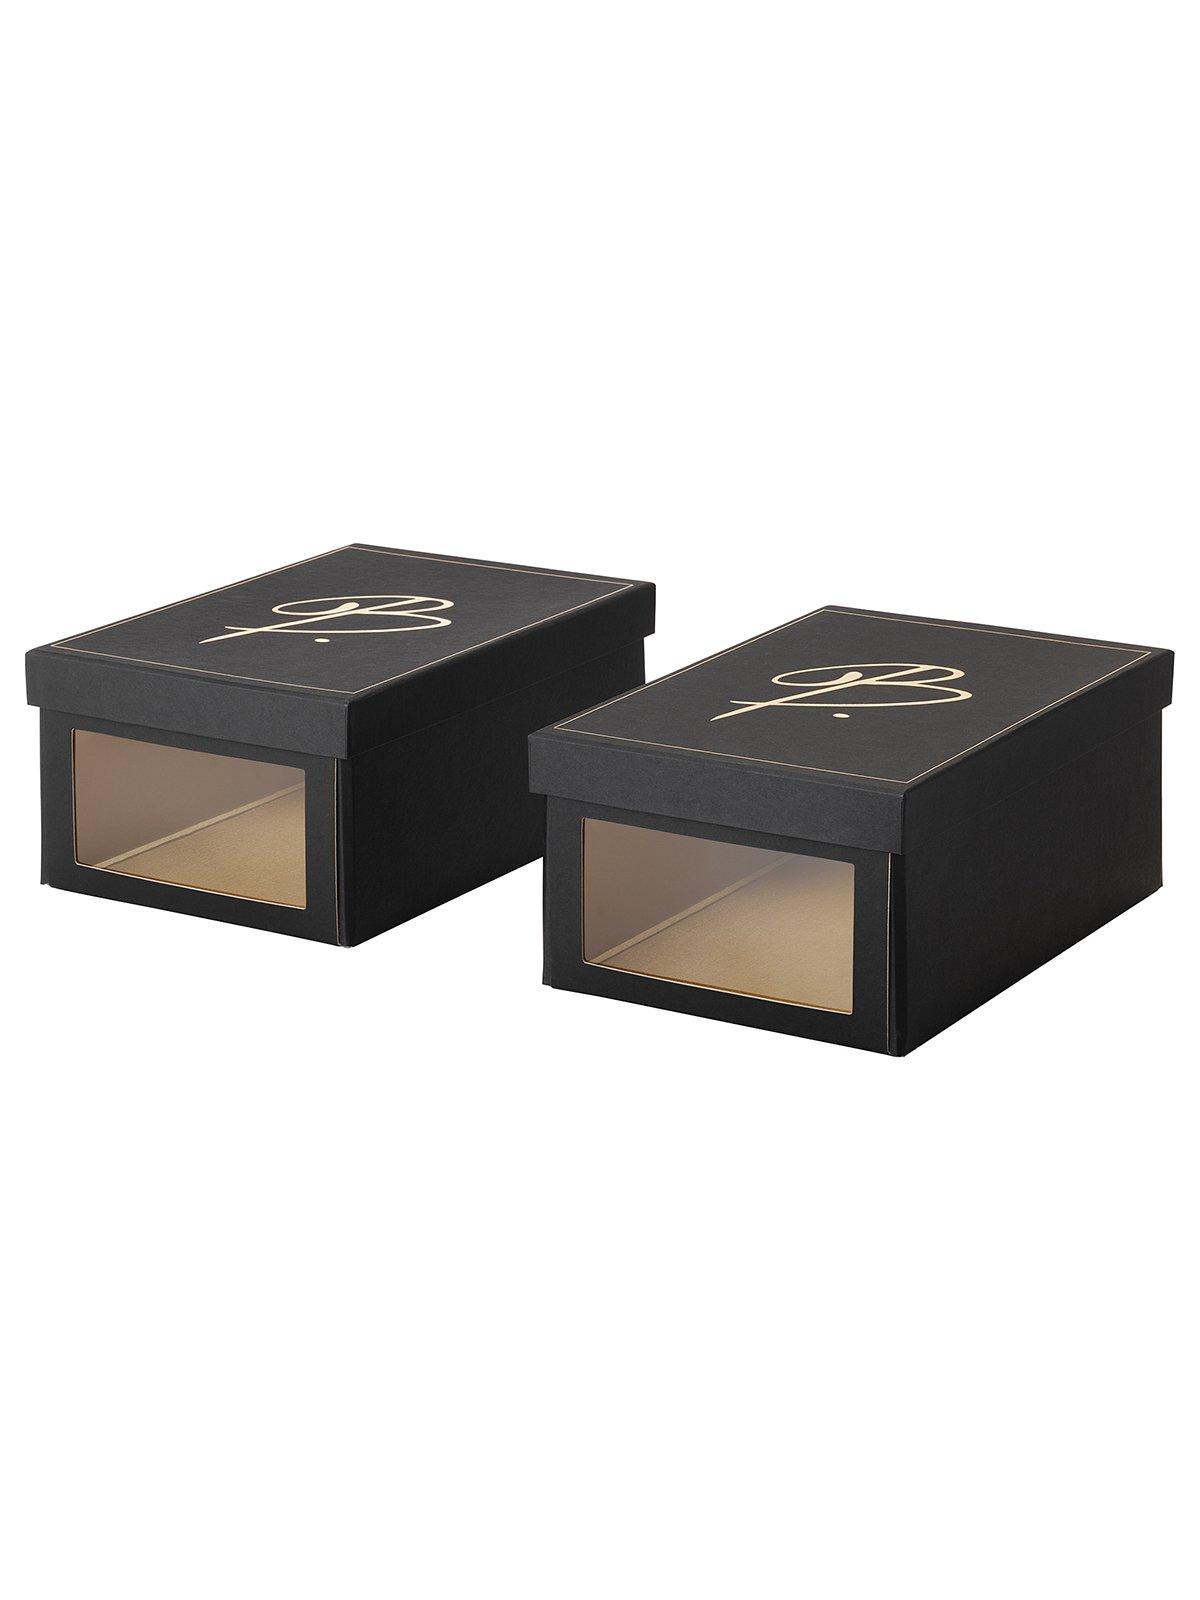 коробки для взуття Ikea акція діє до 11 травня 2018 року